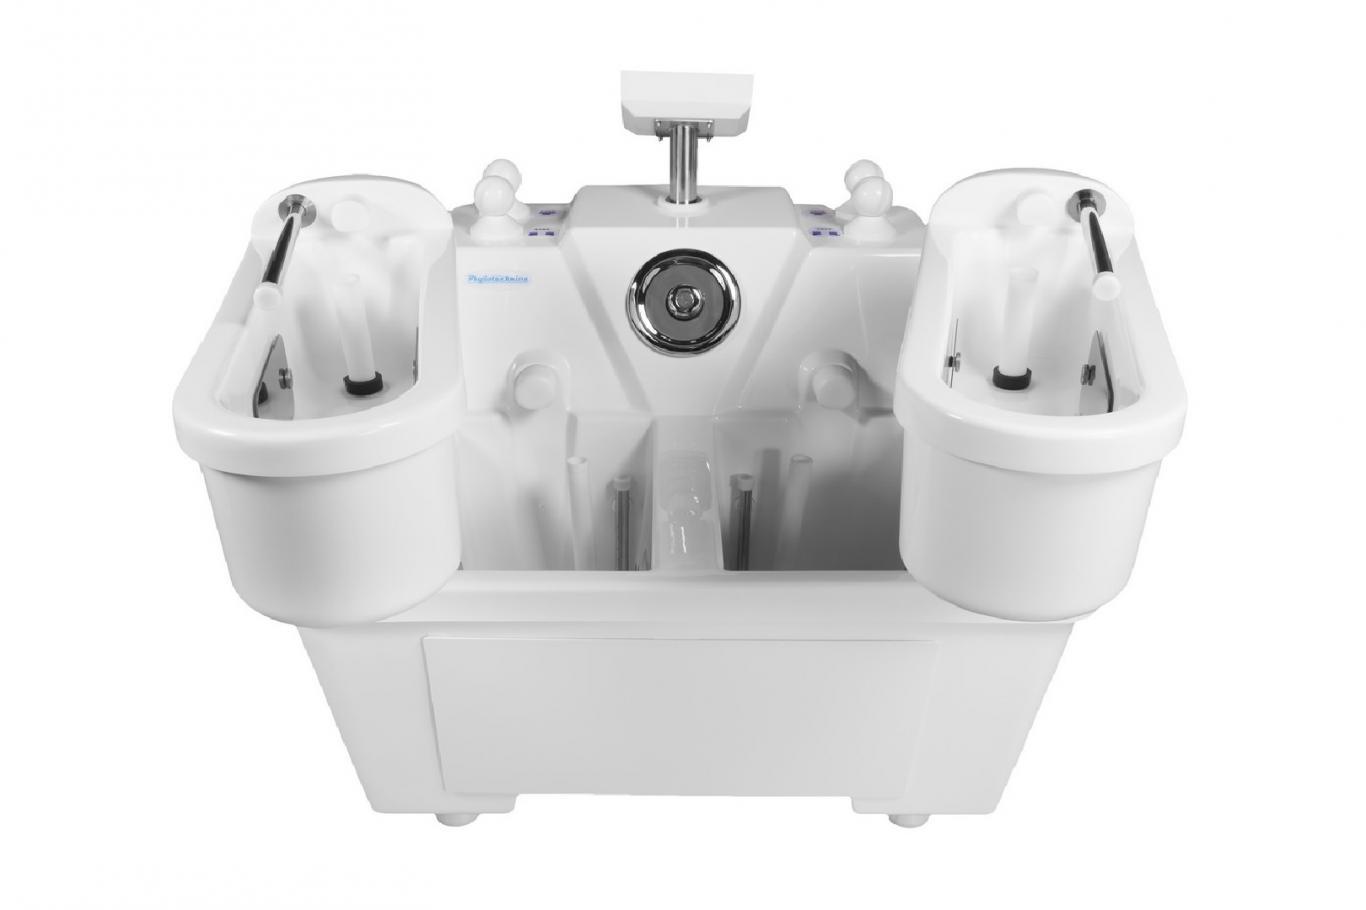 Ванна 4-х камерная Истра-4К струйно-контрастная гидрогальваническая (комбинированная)